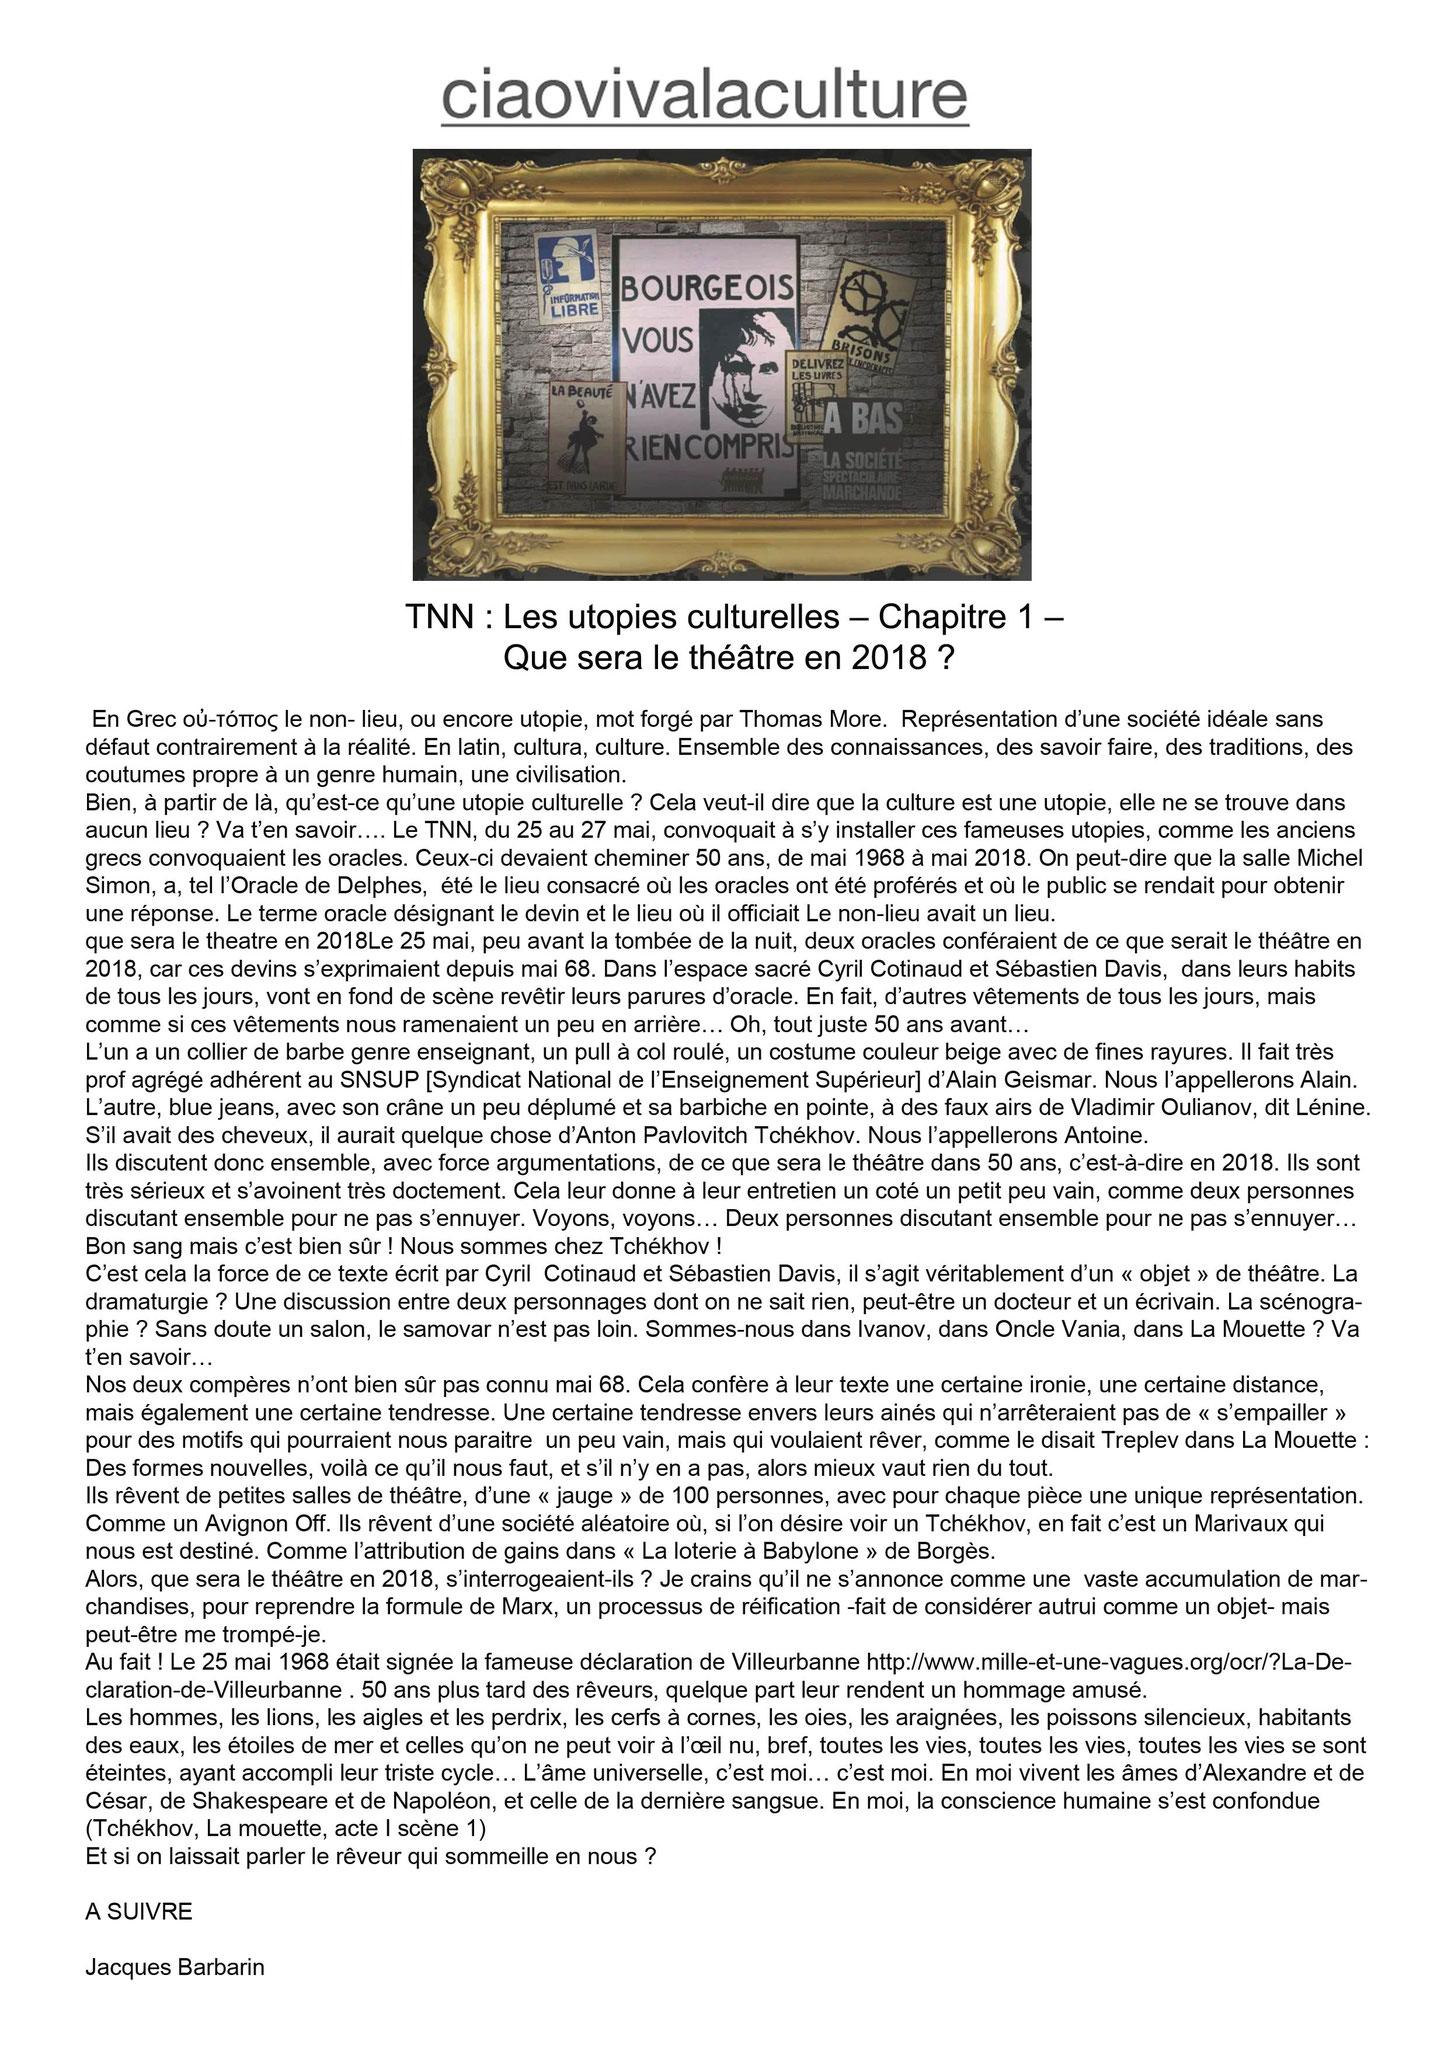 CIAOVIVALACULTURE - Jacques Barbarin - Mai 2018